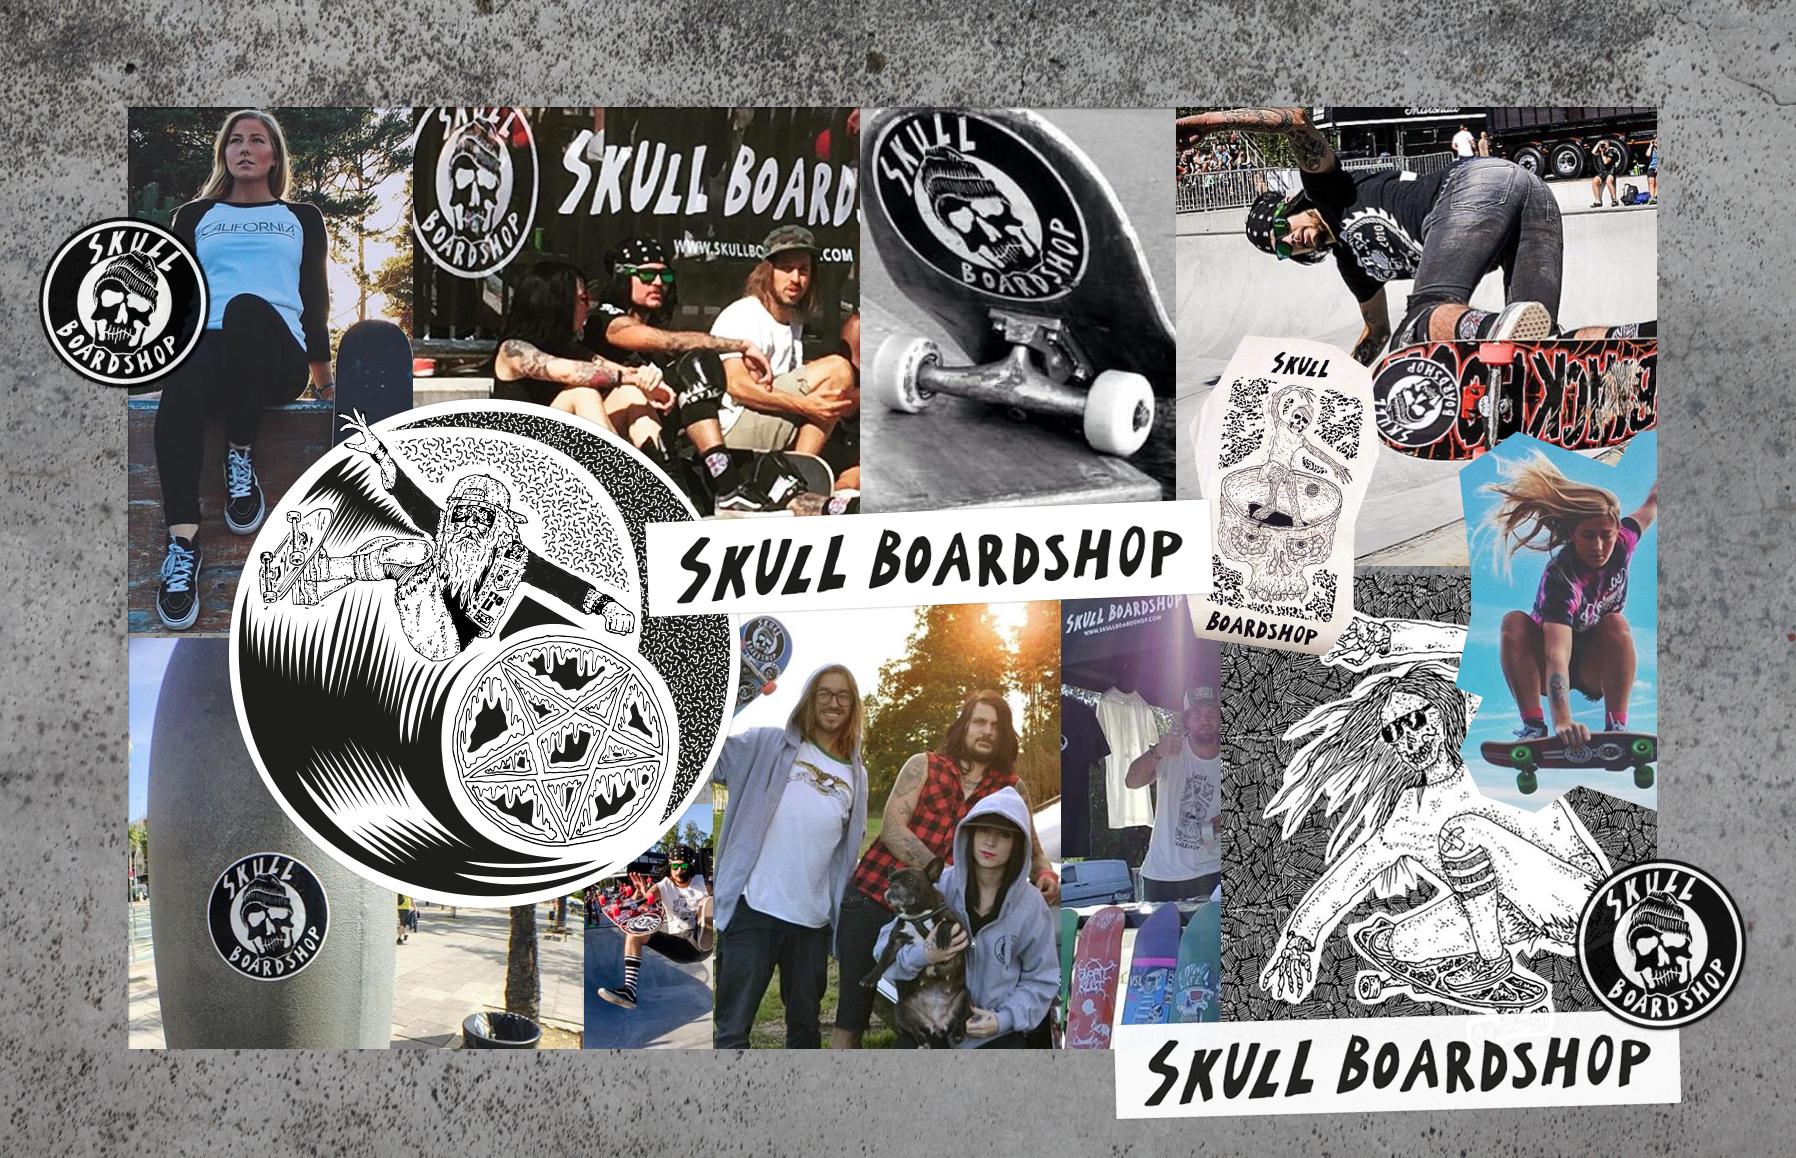 Skull Boardshop